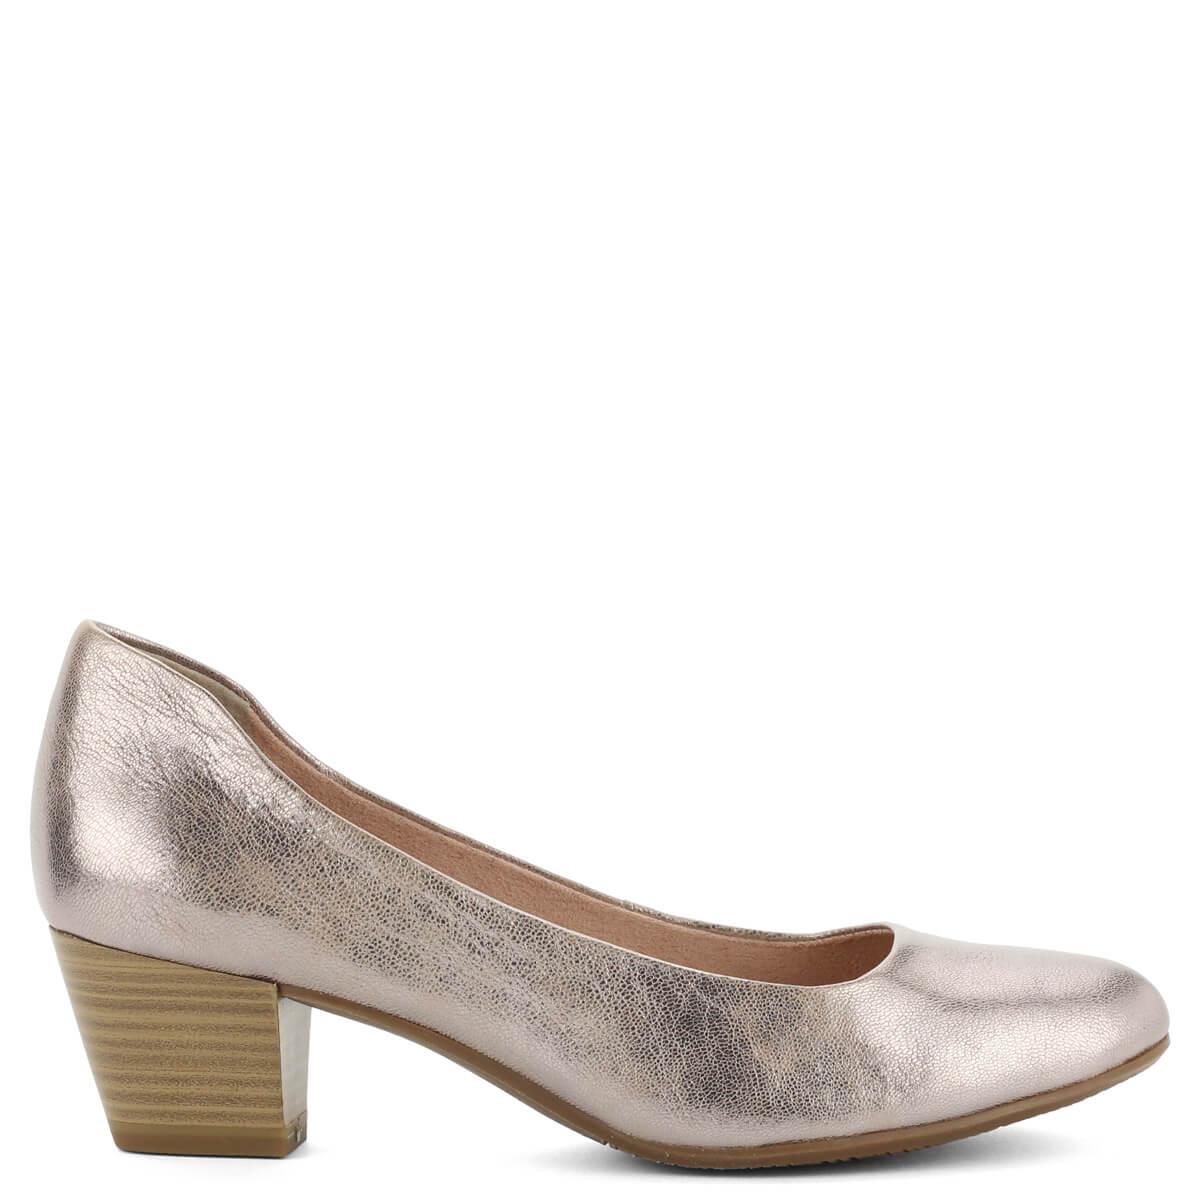 Rózsaszín Tamaris cipő kb 5 cm magas Antishokk sarokkal. Metálosan csillogó  bőrből készült 235de757e4